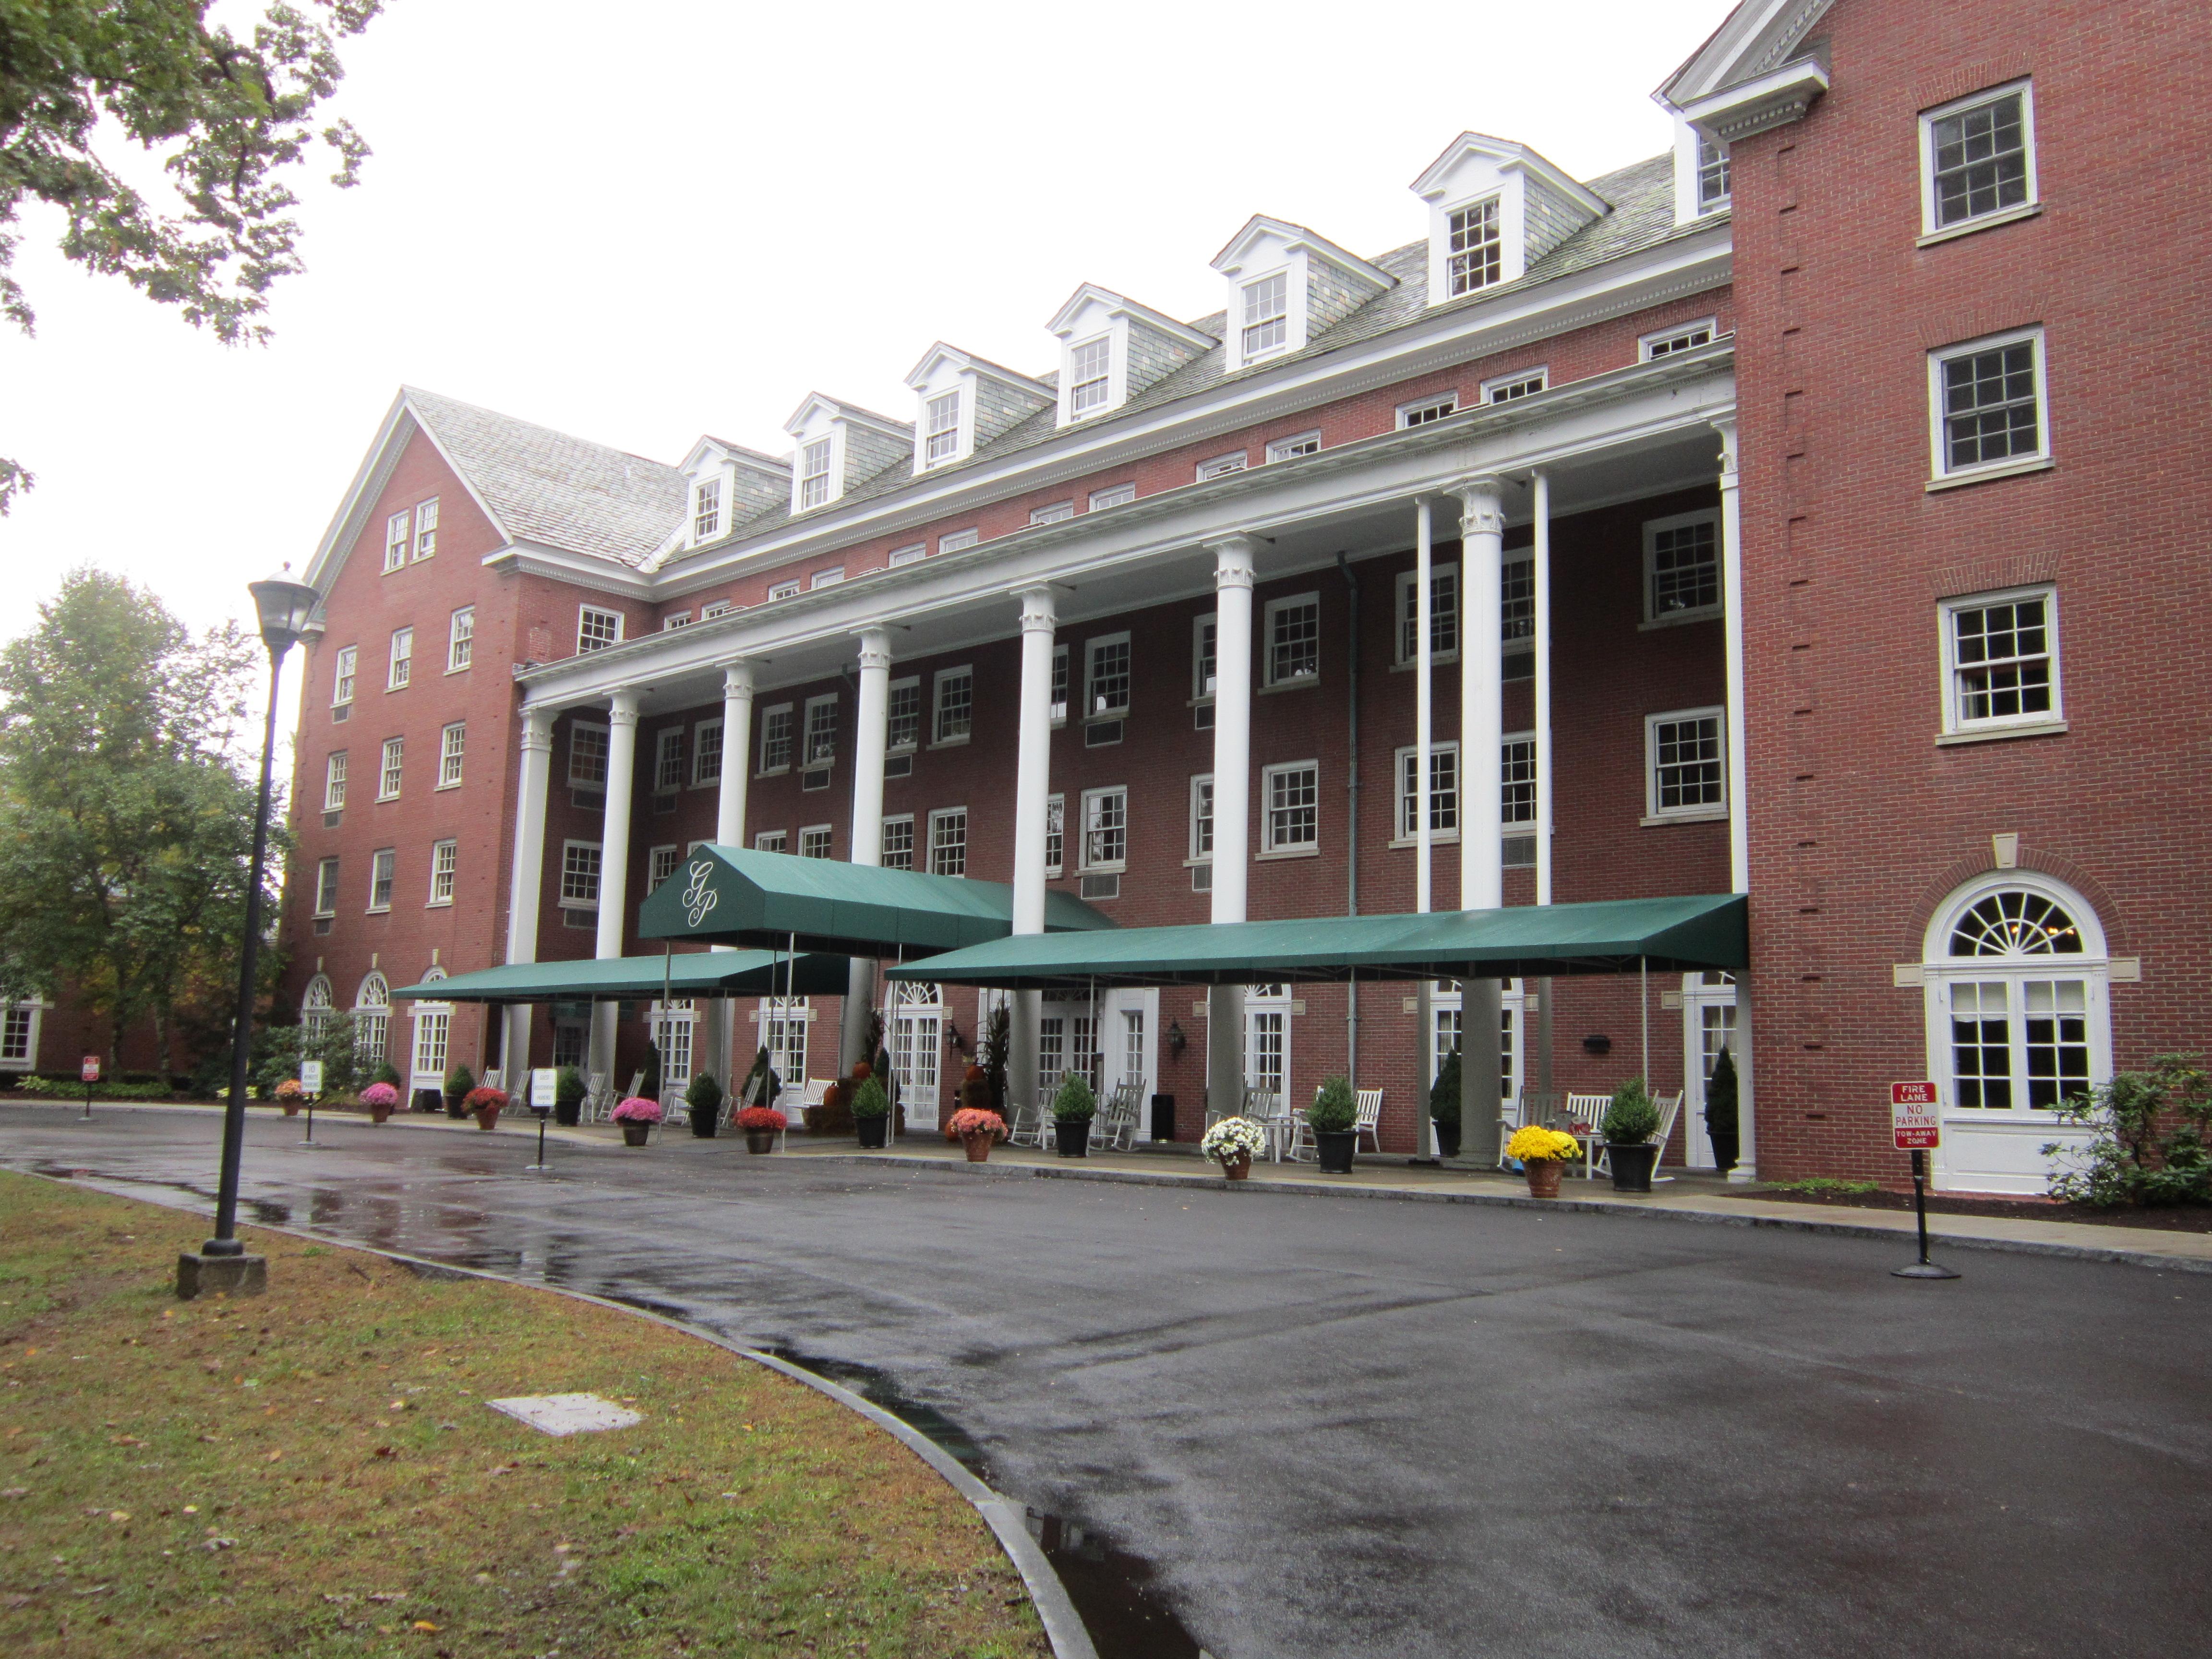 Saratoga springs ny grammy notes for Saratoga springs hotels ny